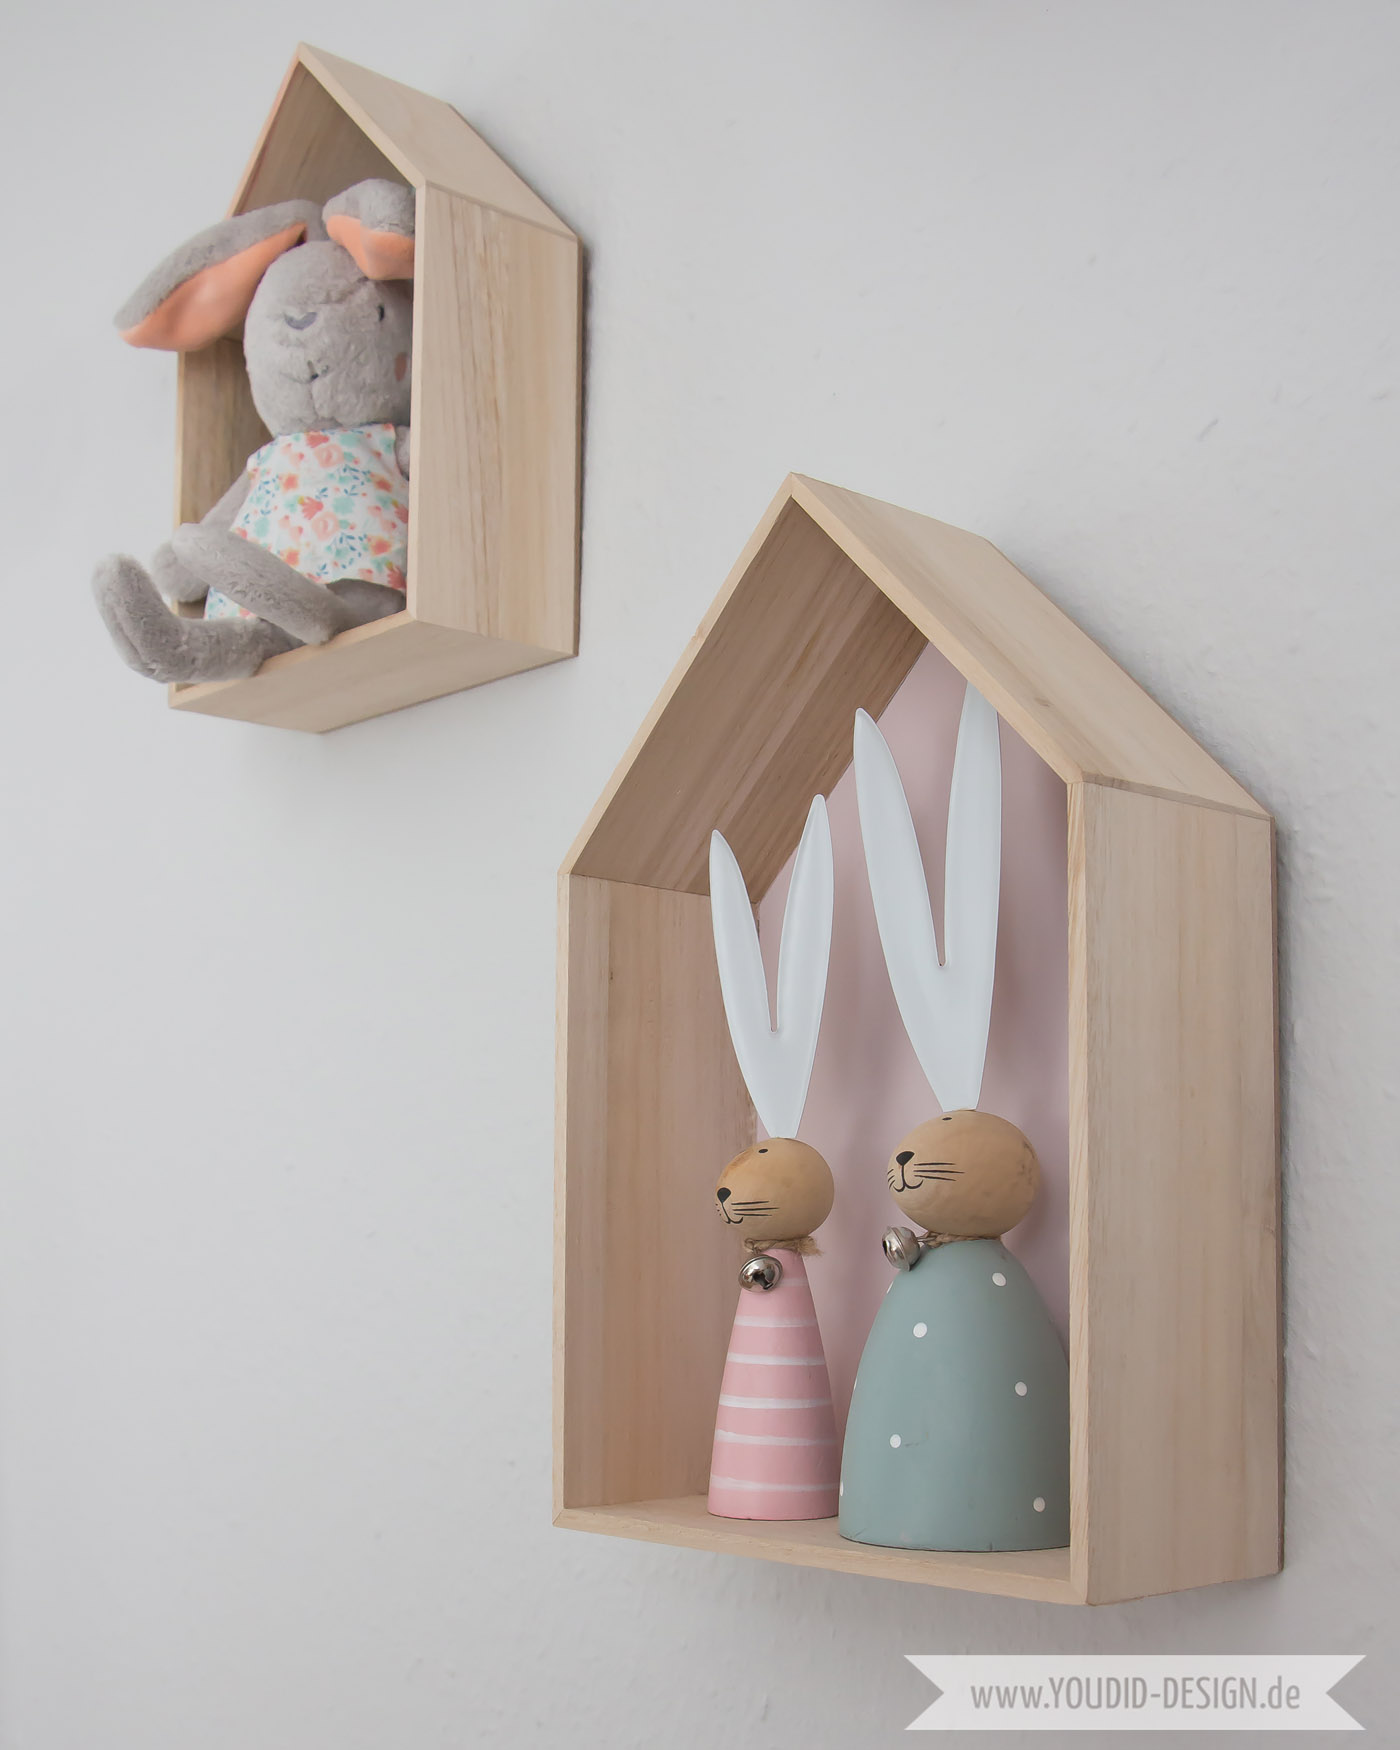 Wohnzimmer Regal Holz Alt Ebay Kleinanzeigen Cd